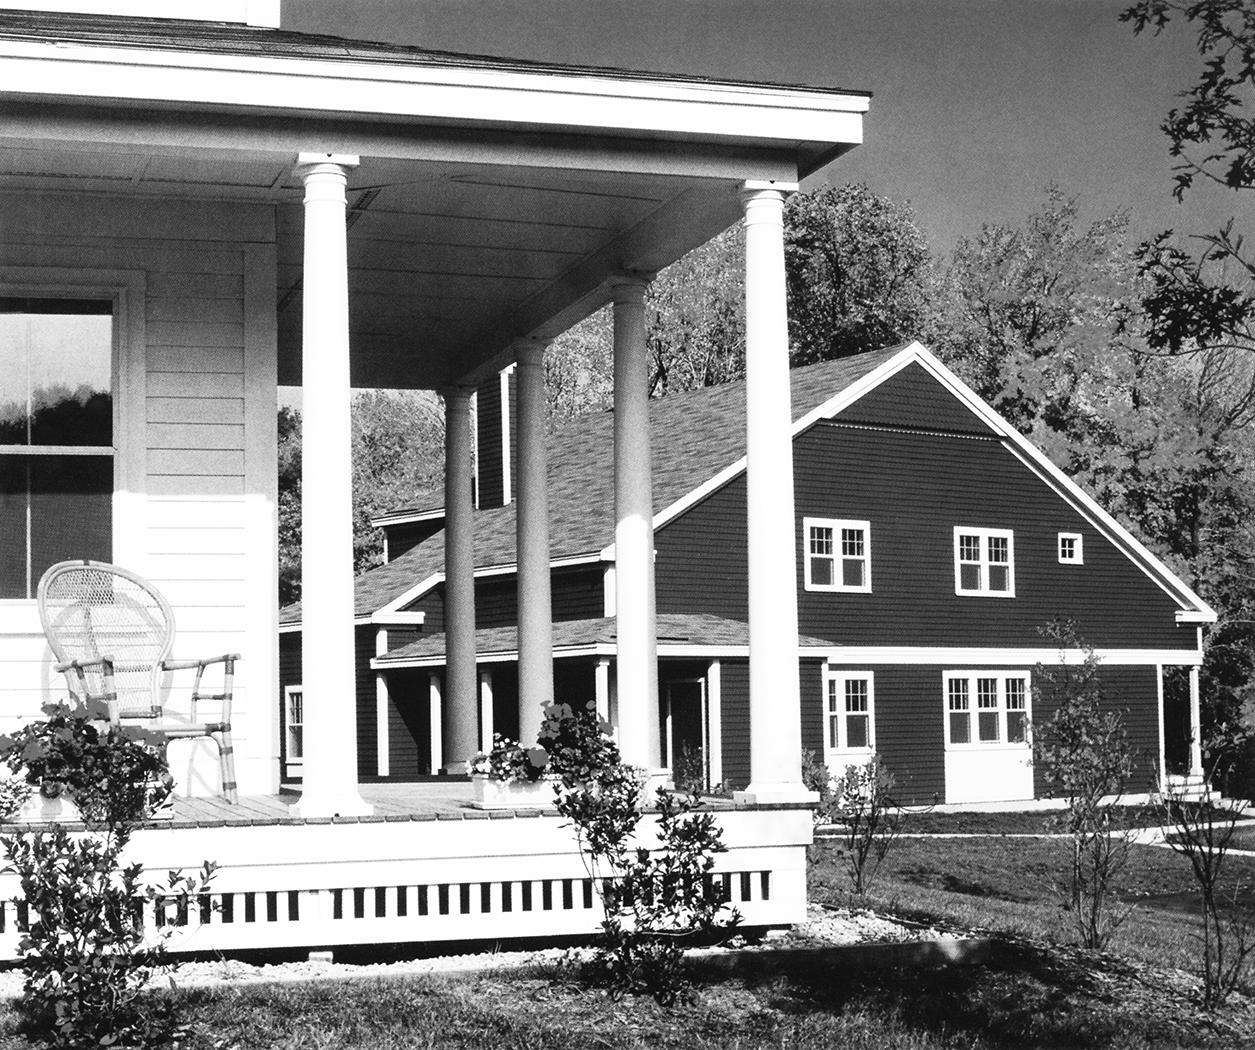 نمونه ی موردی در ارتباط با خانهی کوشکی: مزرعهی بَتلرُد، لینکن، ماساچوست